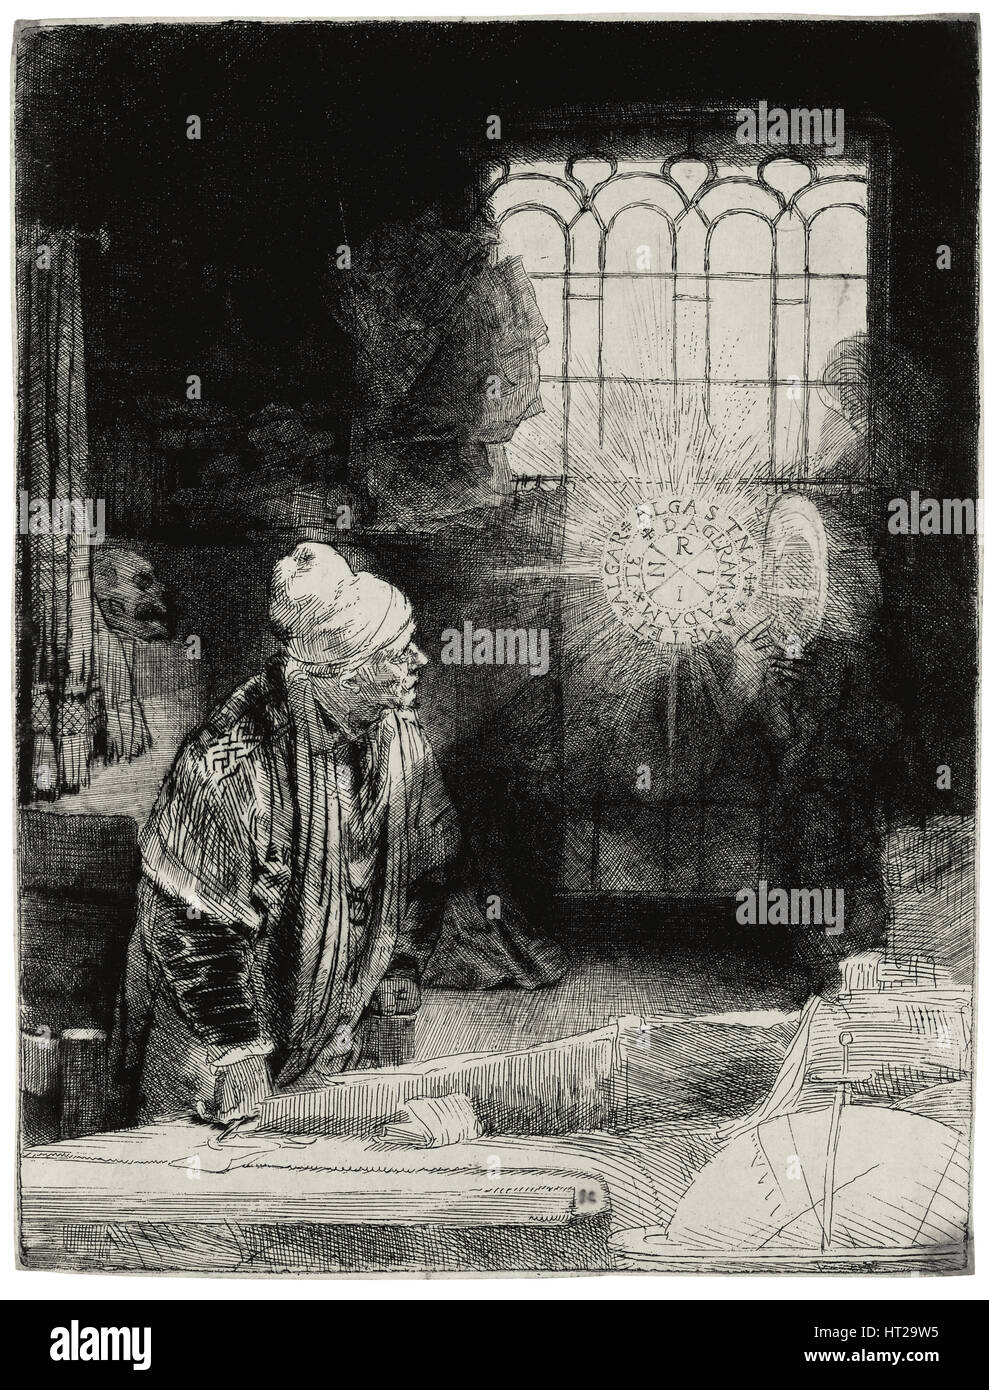 Faust, ca 1652. Artist: Rembrandt van Rhijn (1606-1669) - Stock Image